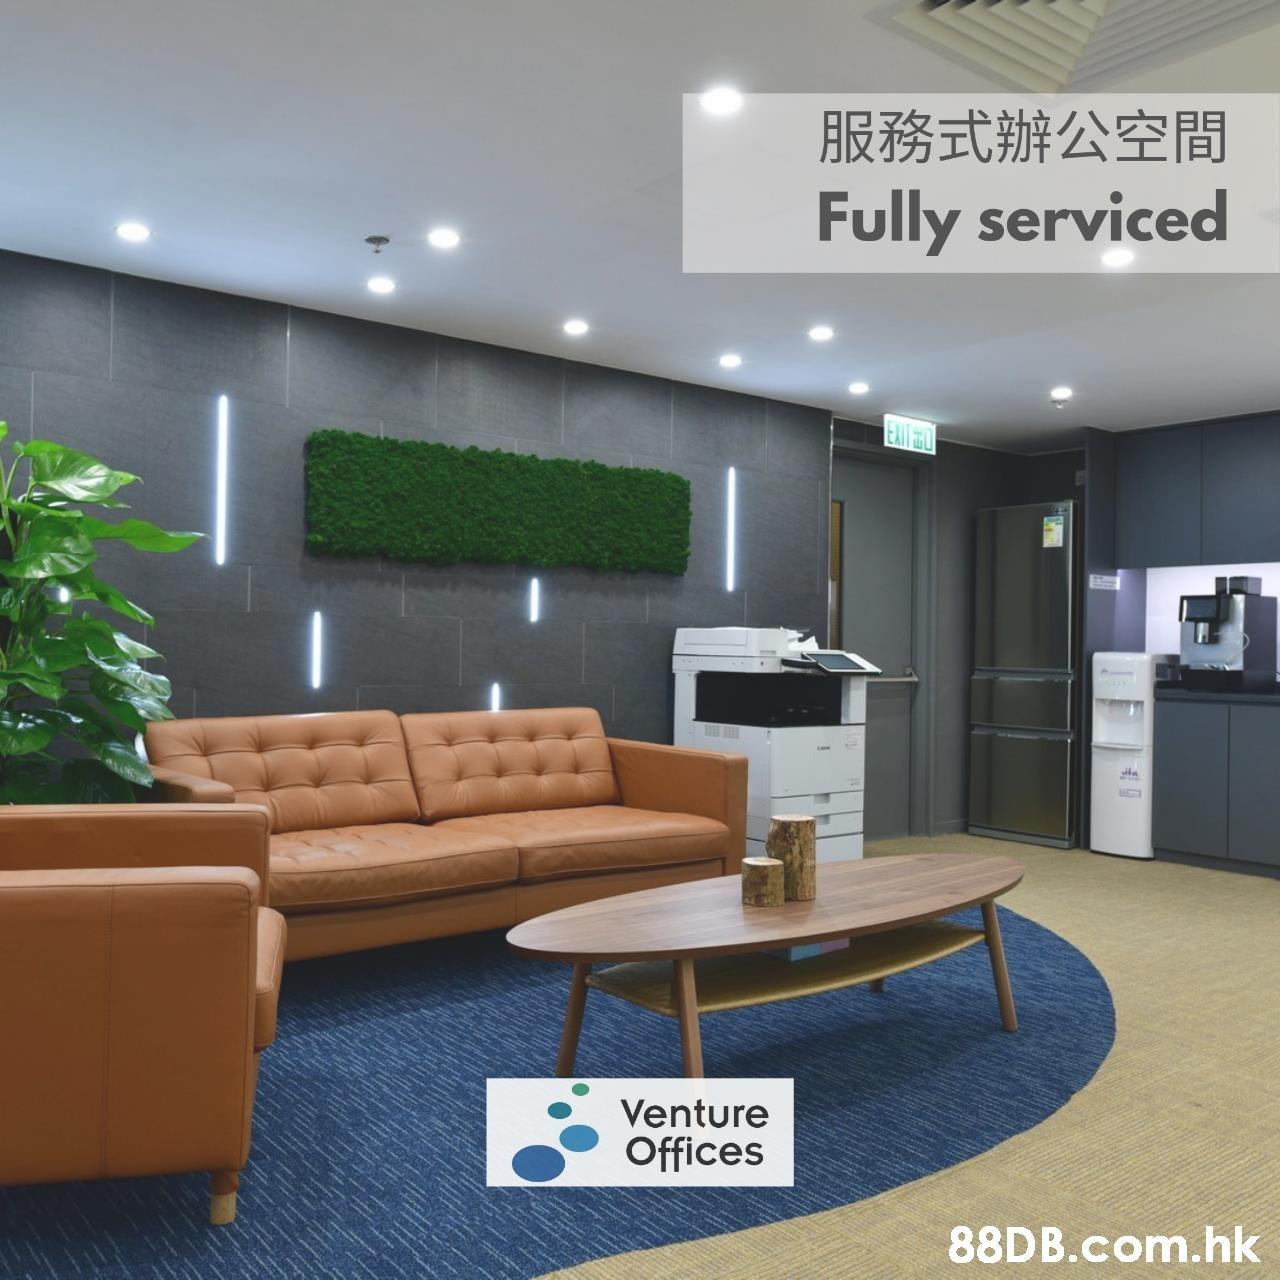 服務式辦公空間 Fully serviced EXTED Venture Offices .hk  Interior design,Room,Lobby,Furniture,Ceiling